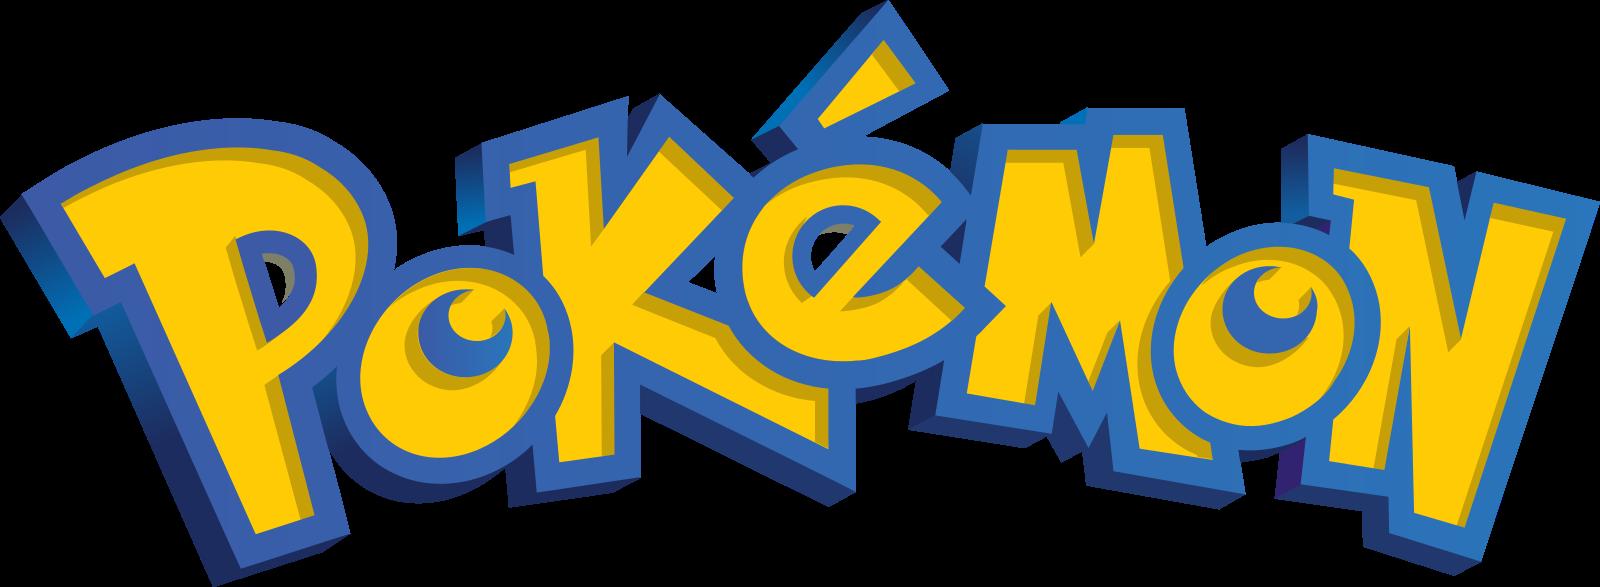 pokemon logo 2 - Pokémon Logo